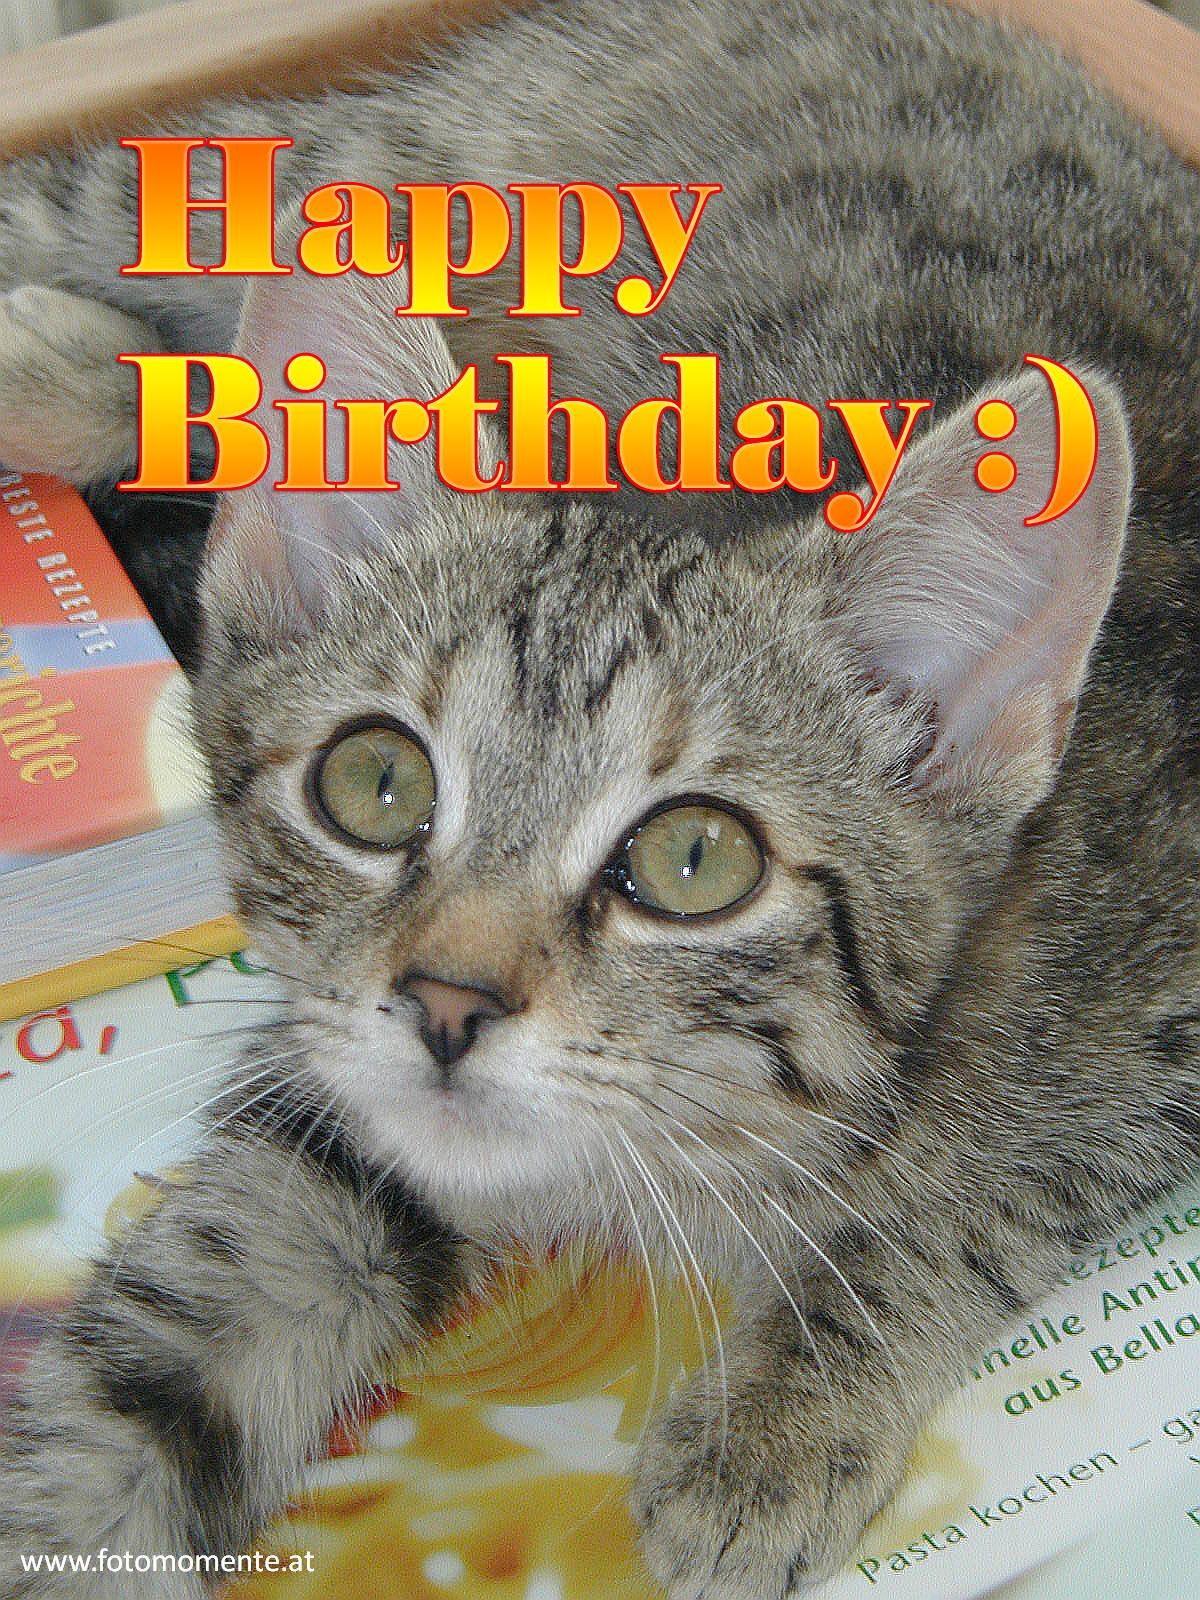 Happy Birthday - Happy Birthday - Karte